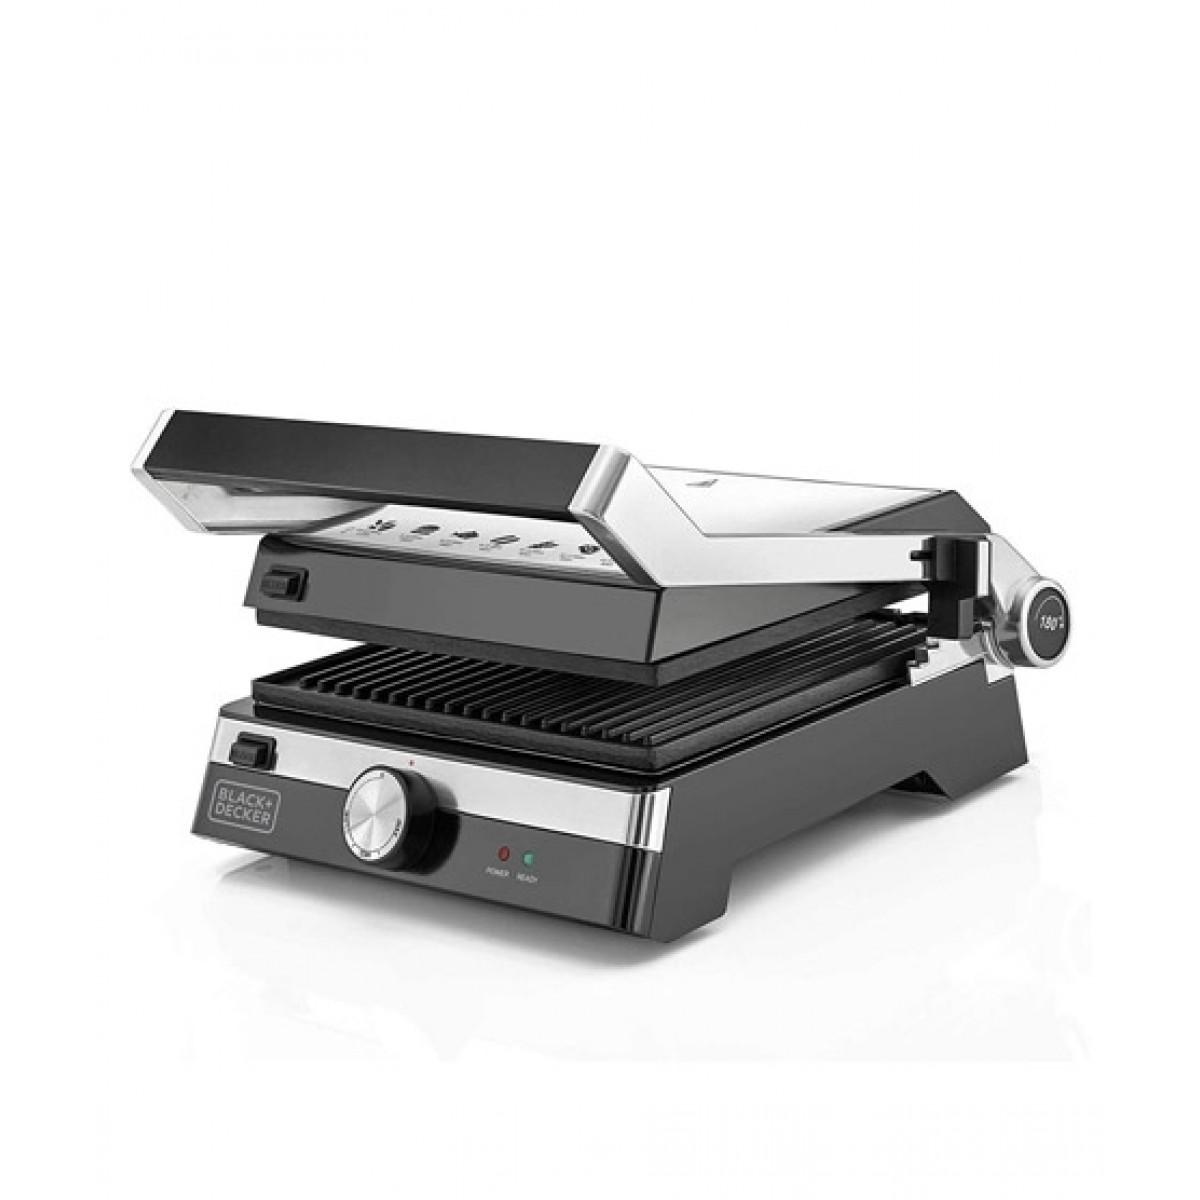 Black & Decker 2000W Family Health Grill (CG2000)